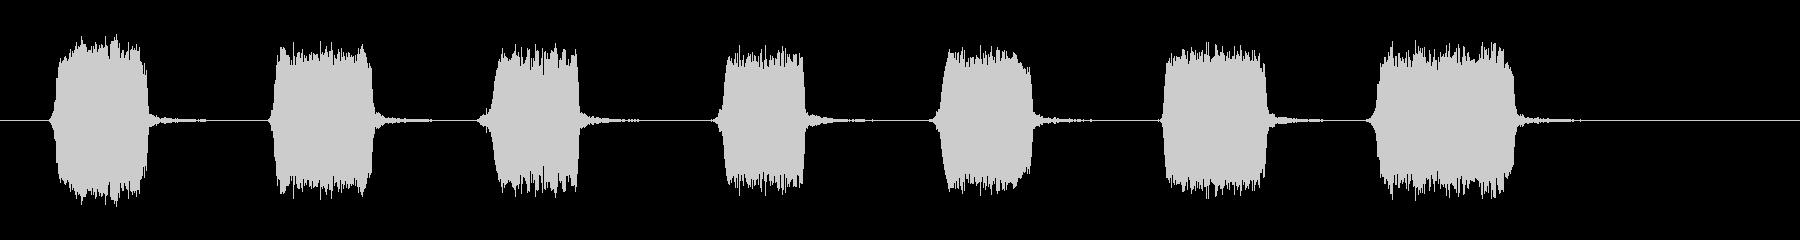 犬のhist:いくつかのクイック、...の未再生の波形